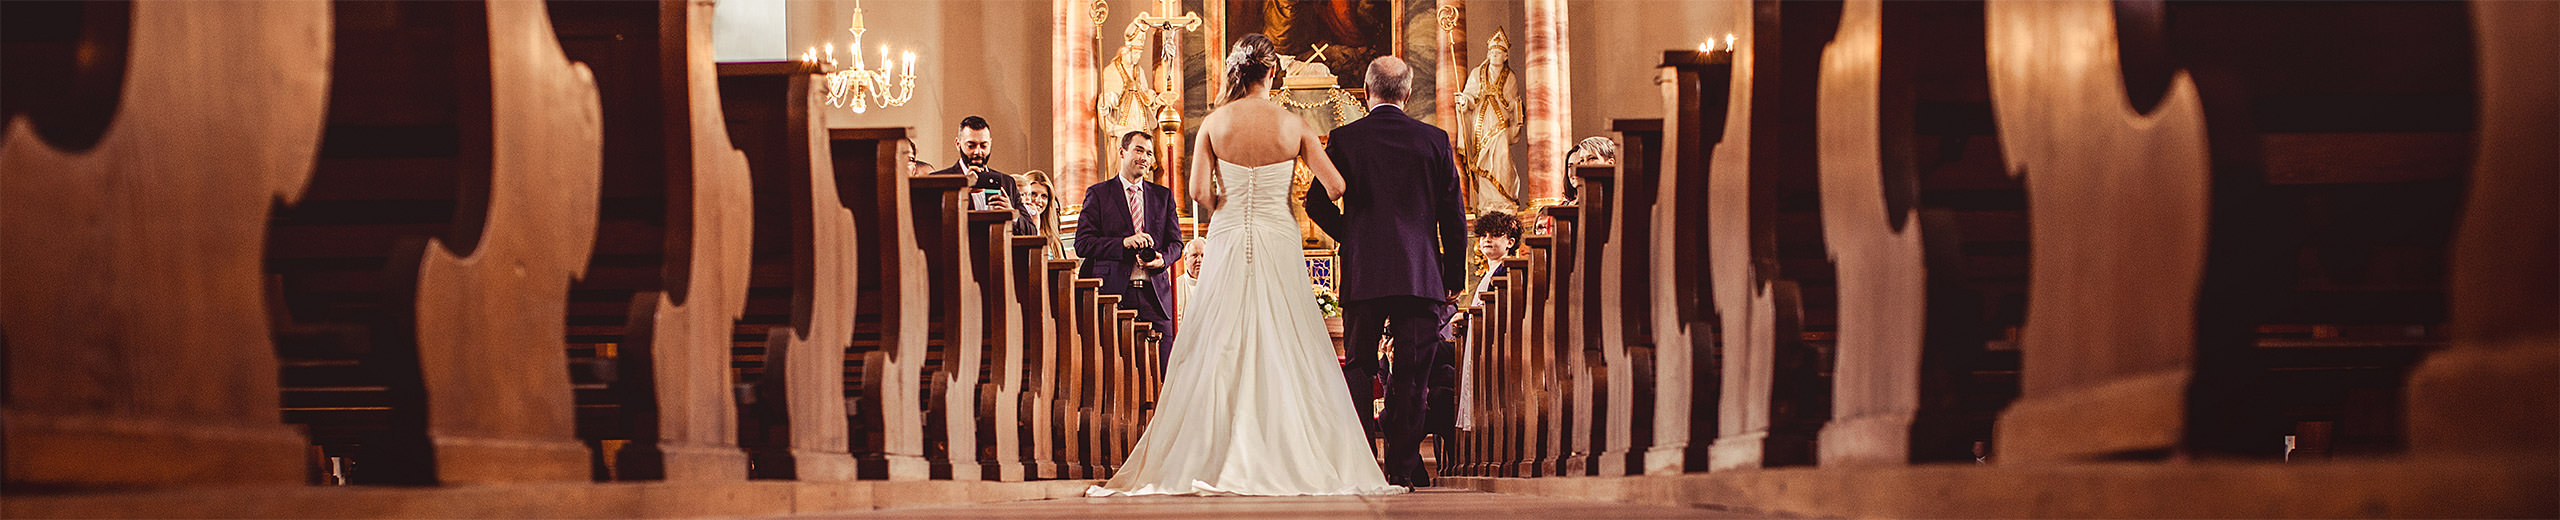 Hochzeitsfotos aus einer Kirche in Mannheim